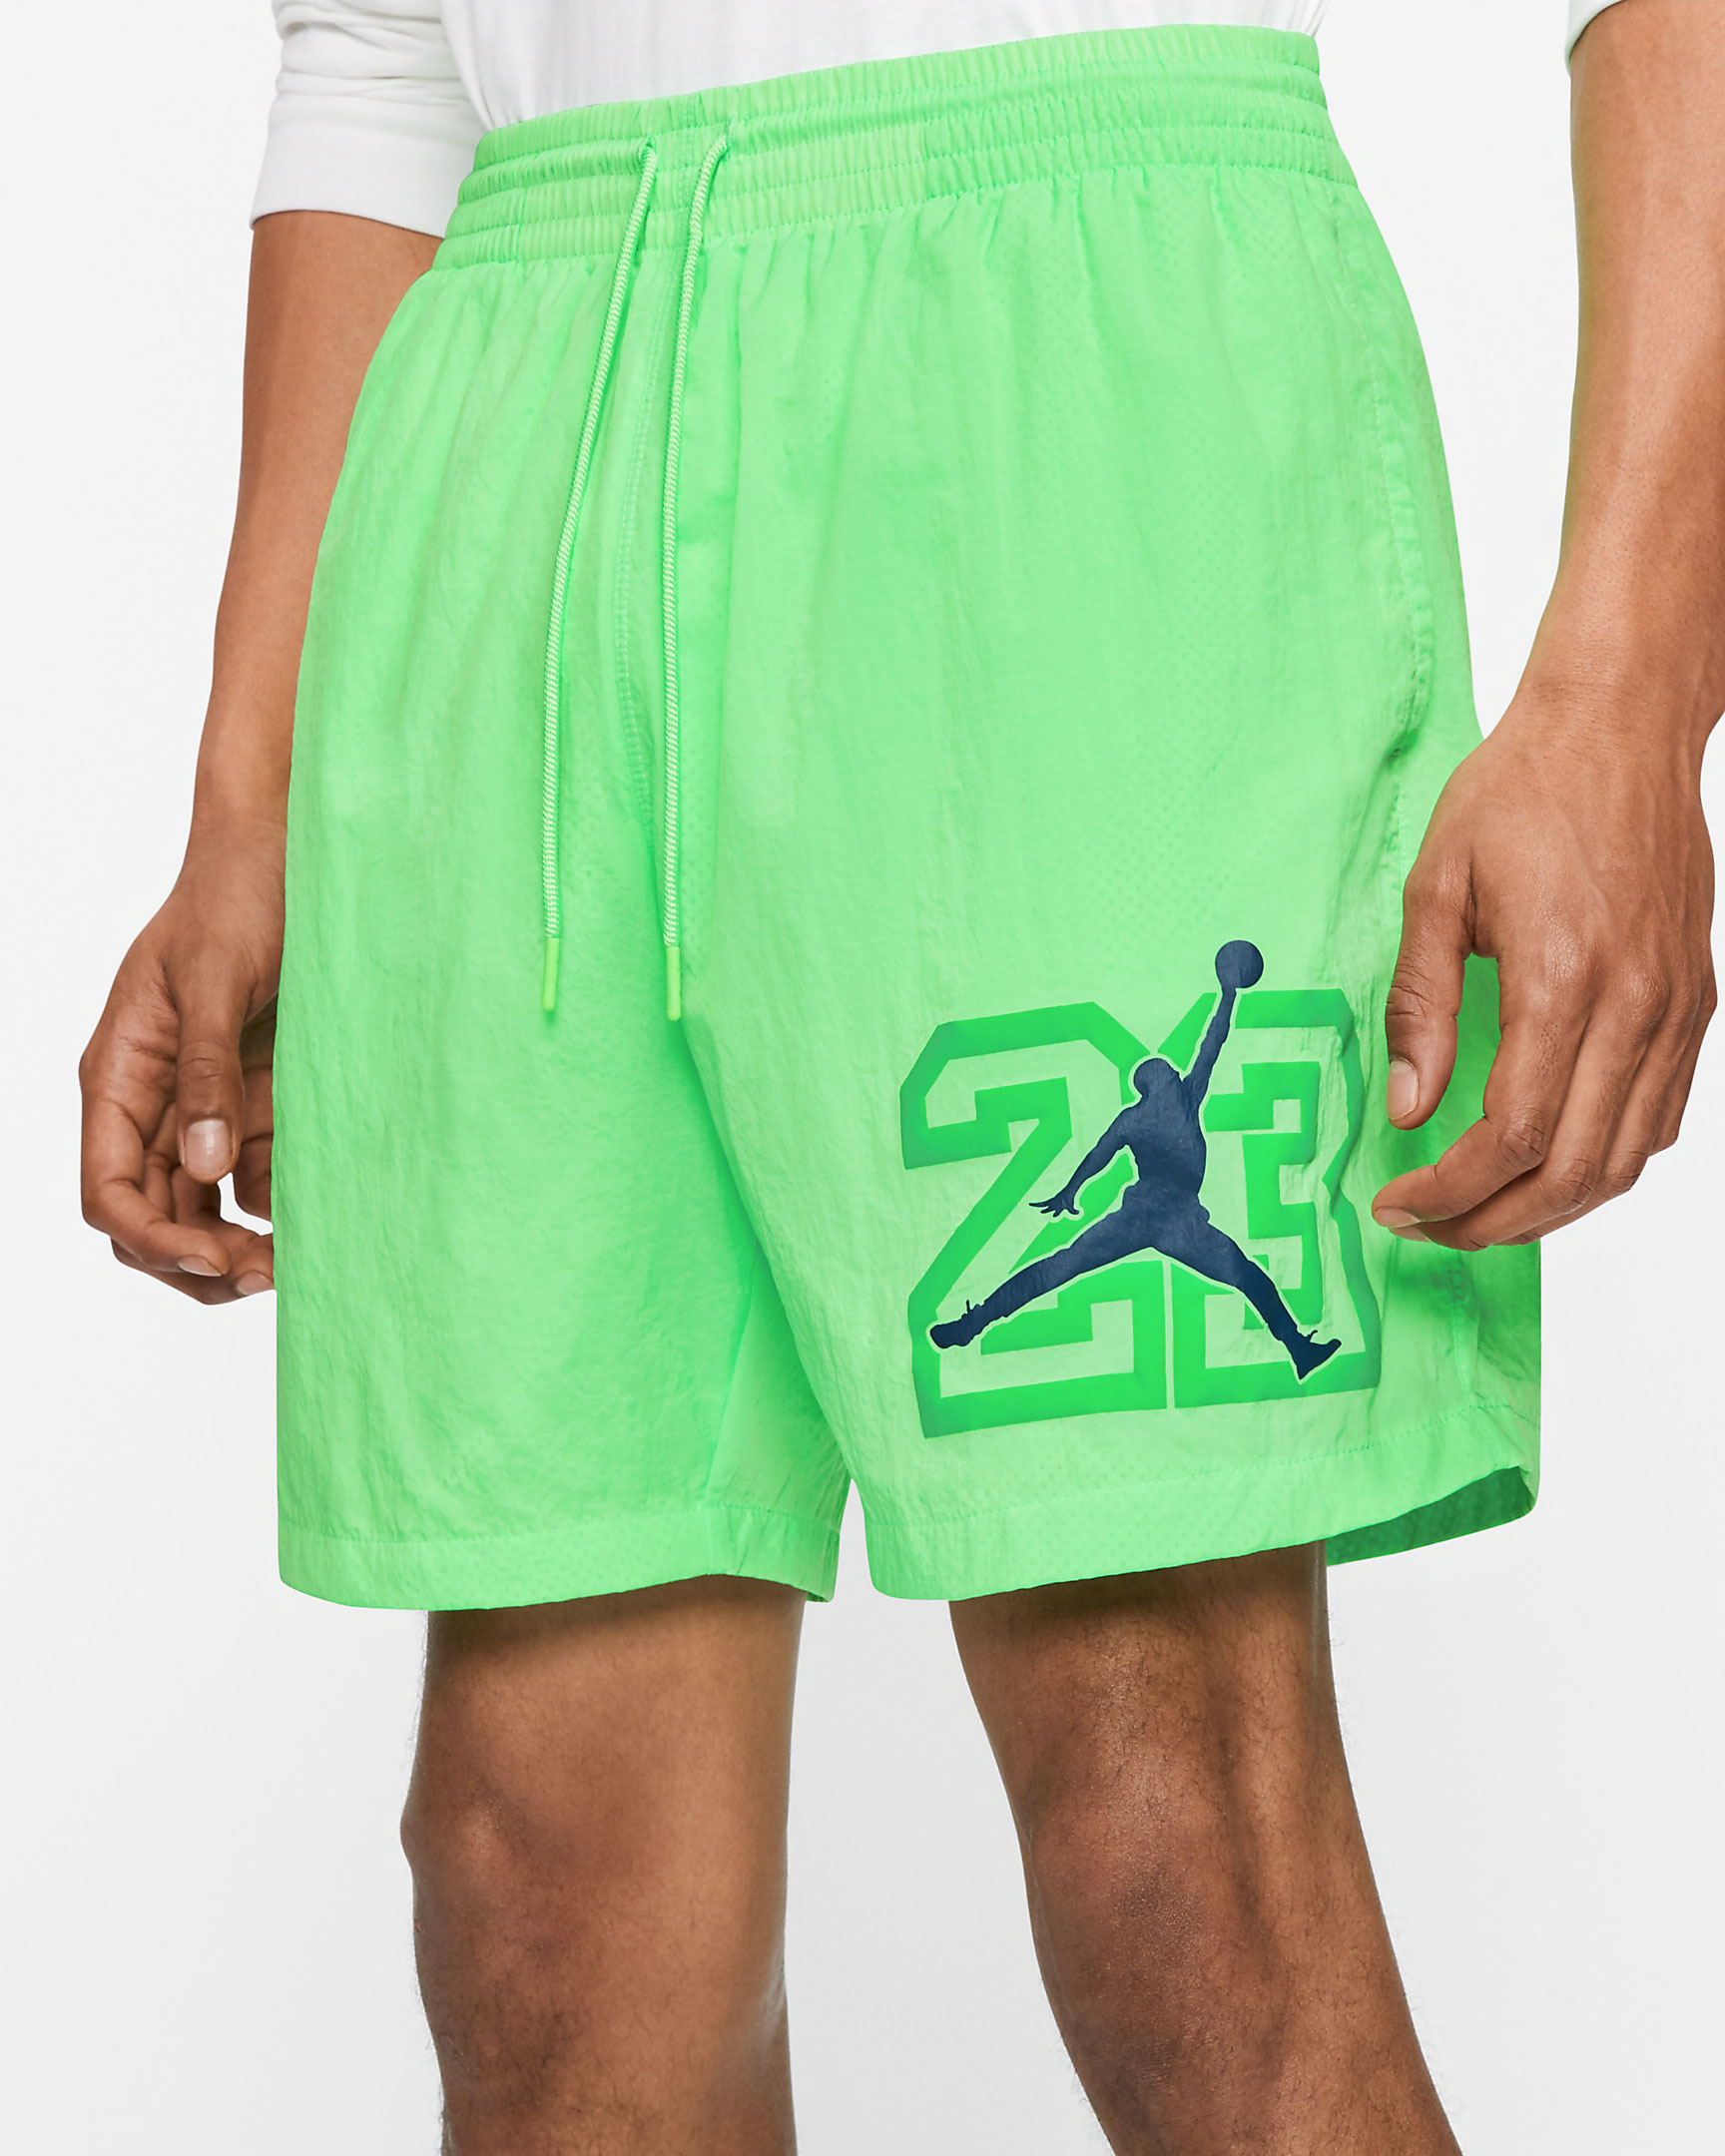 air-jordan-13-flint-2020-poolside-shorts-green-2